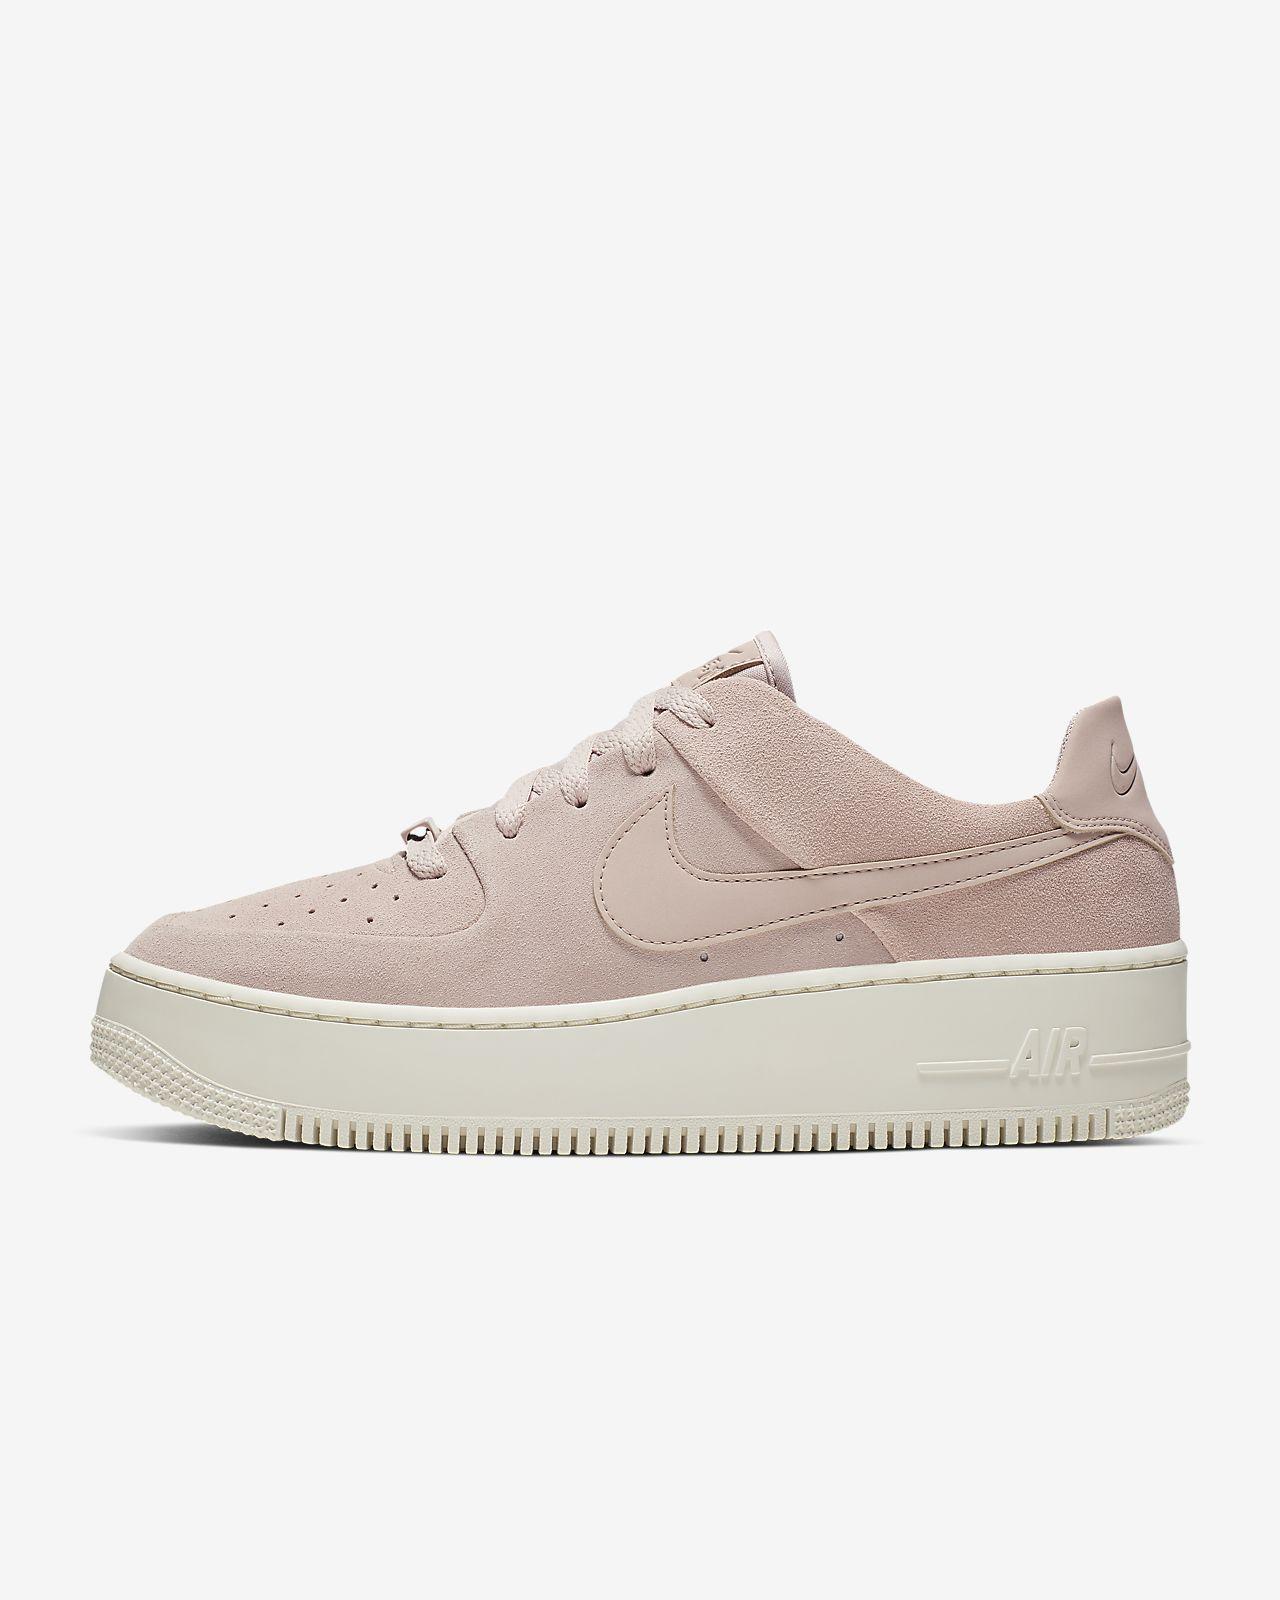 Nike Air Force 1 Sage Low Damenschuh